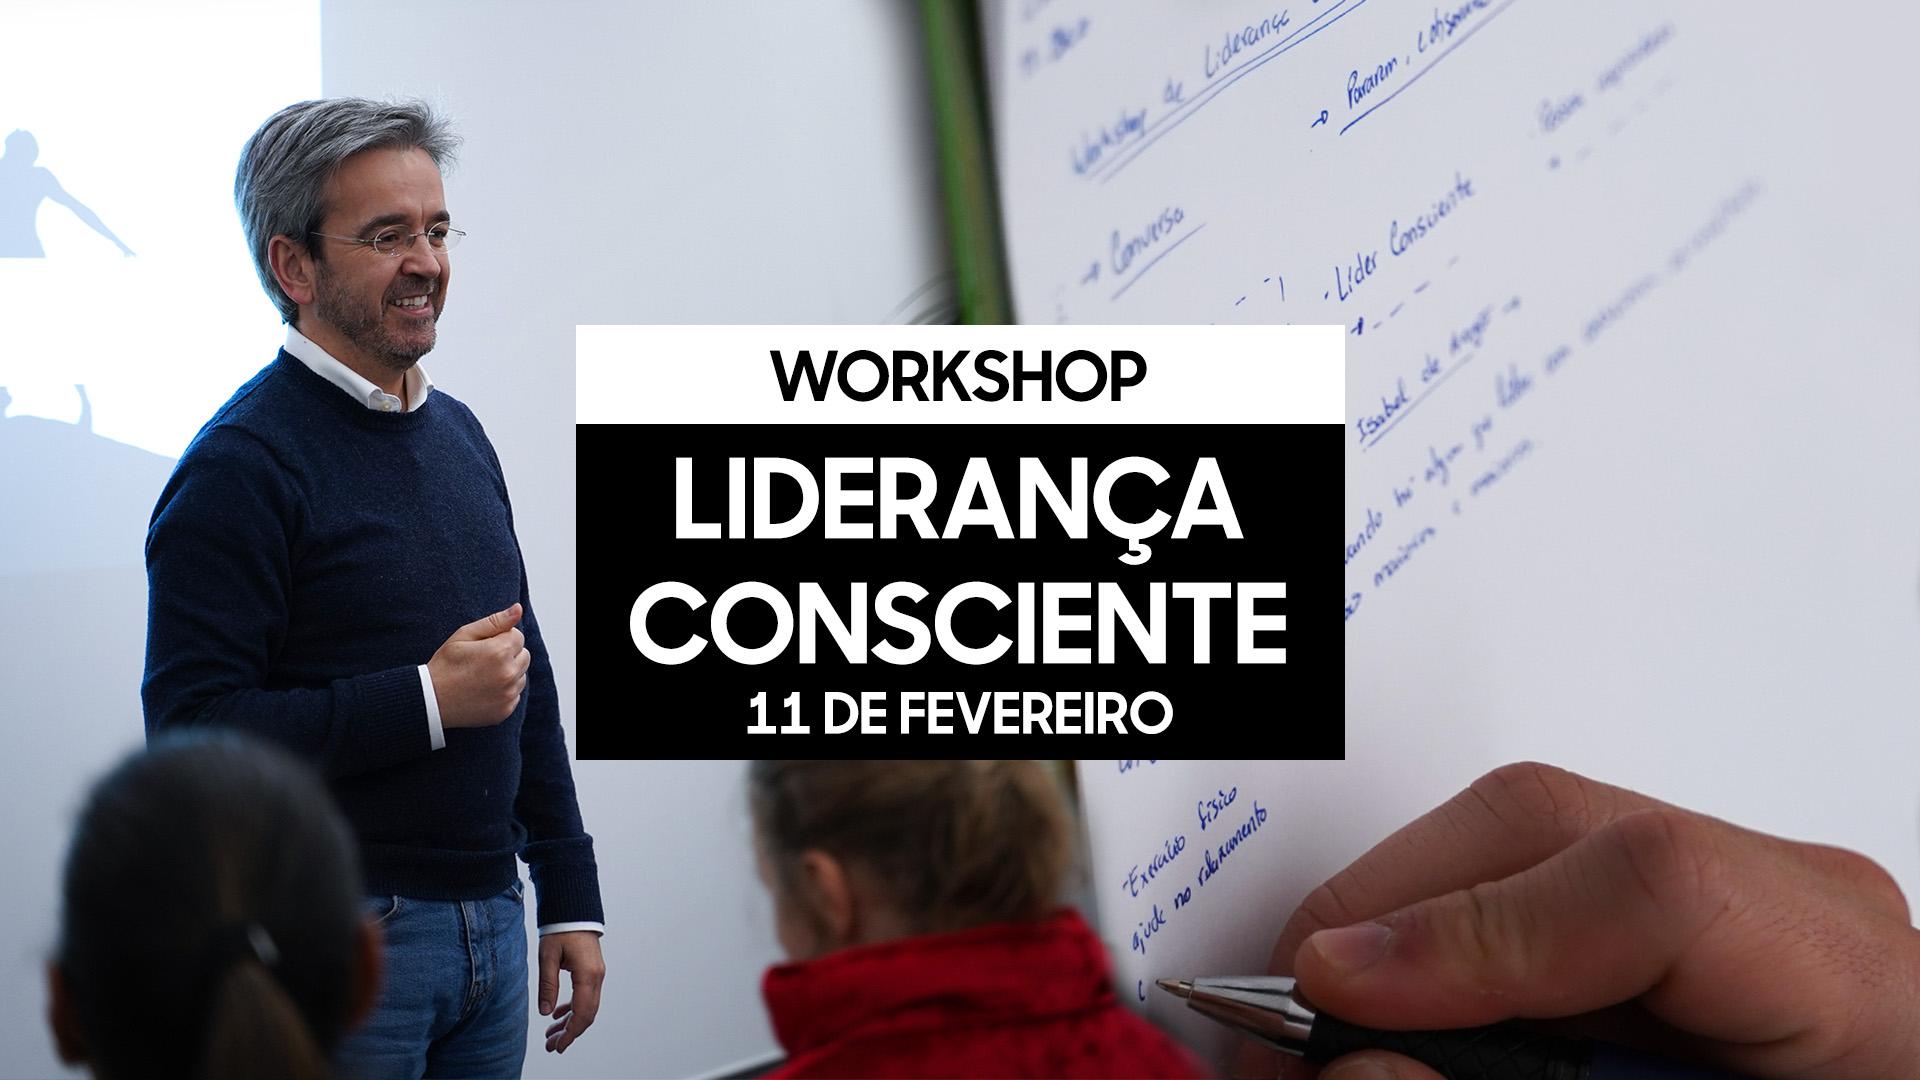 Workshop Liderança Consciente - 11 de fevereiro de 2020